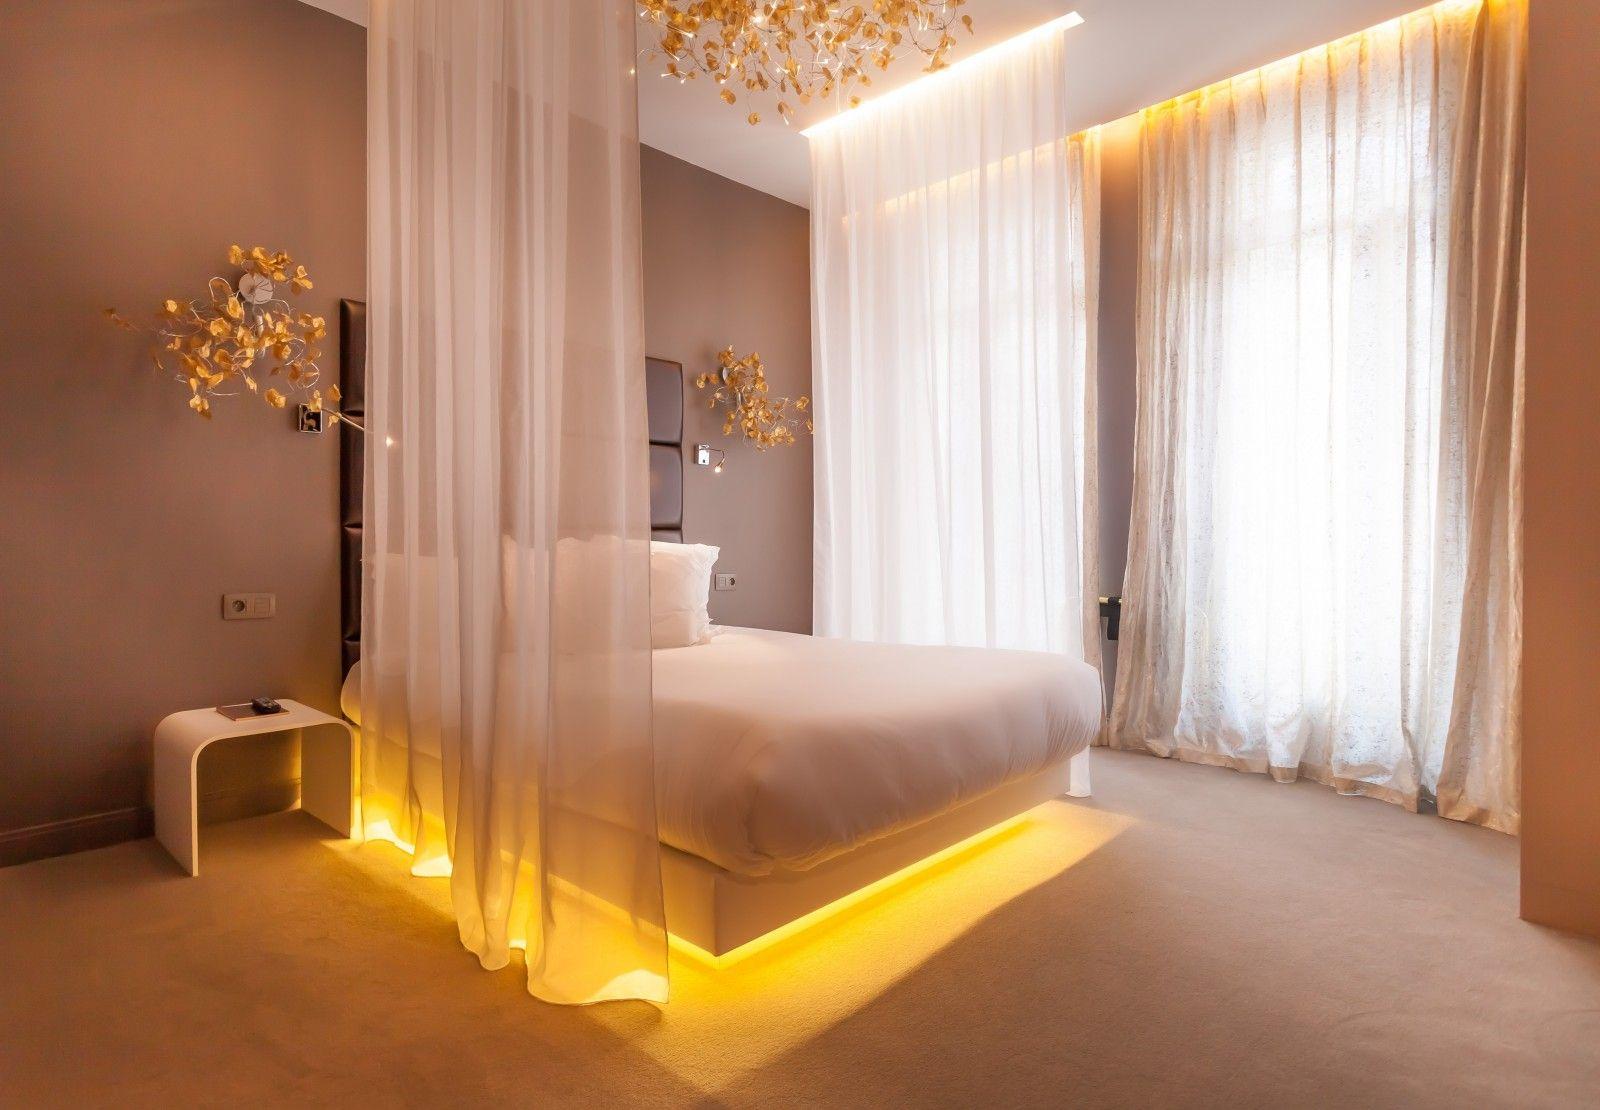 Chambre Legende Deluxe Legend Deluxe Room Legend Hotel Paris